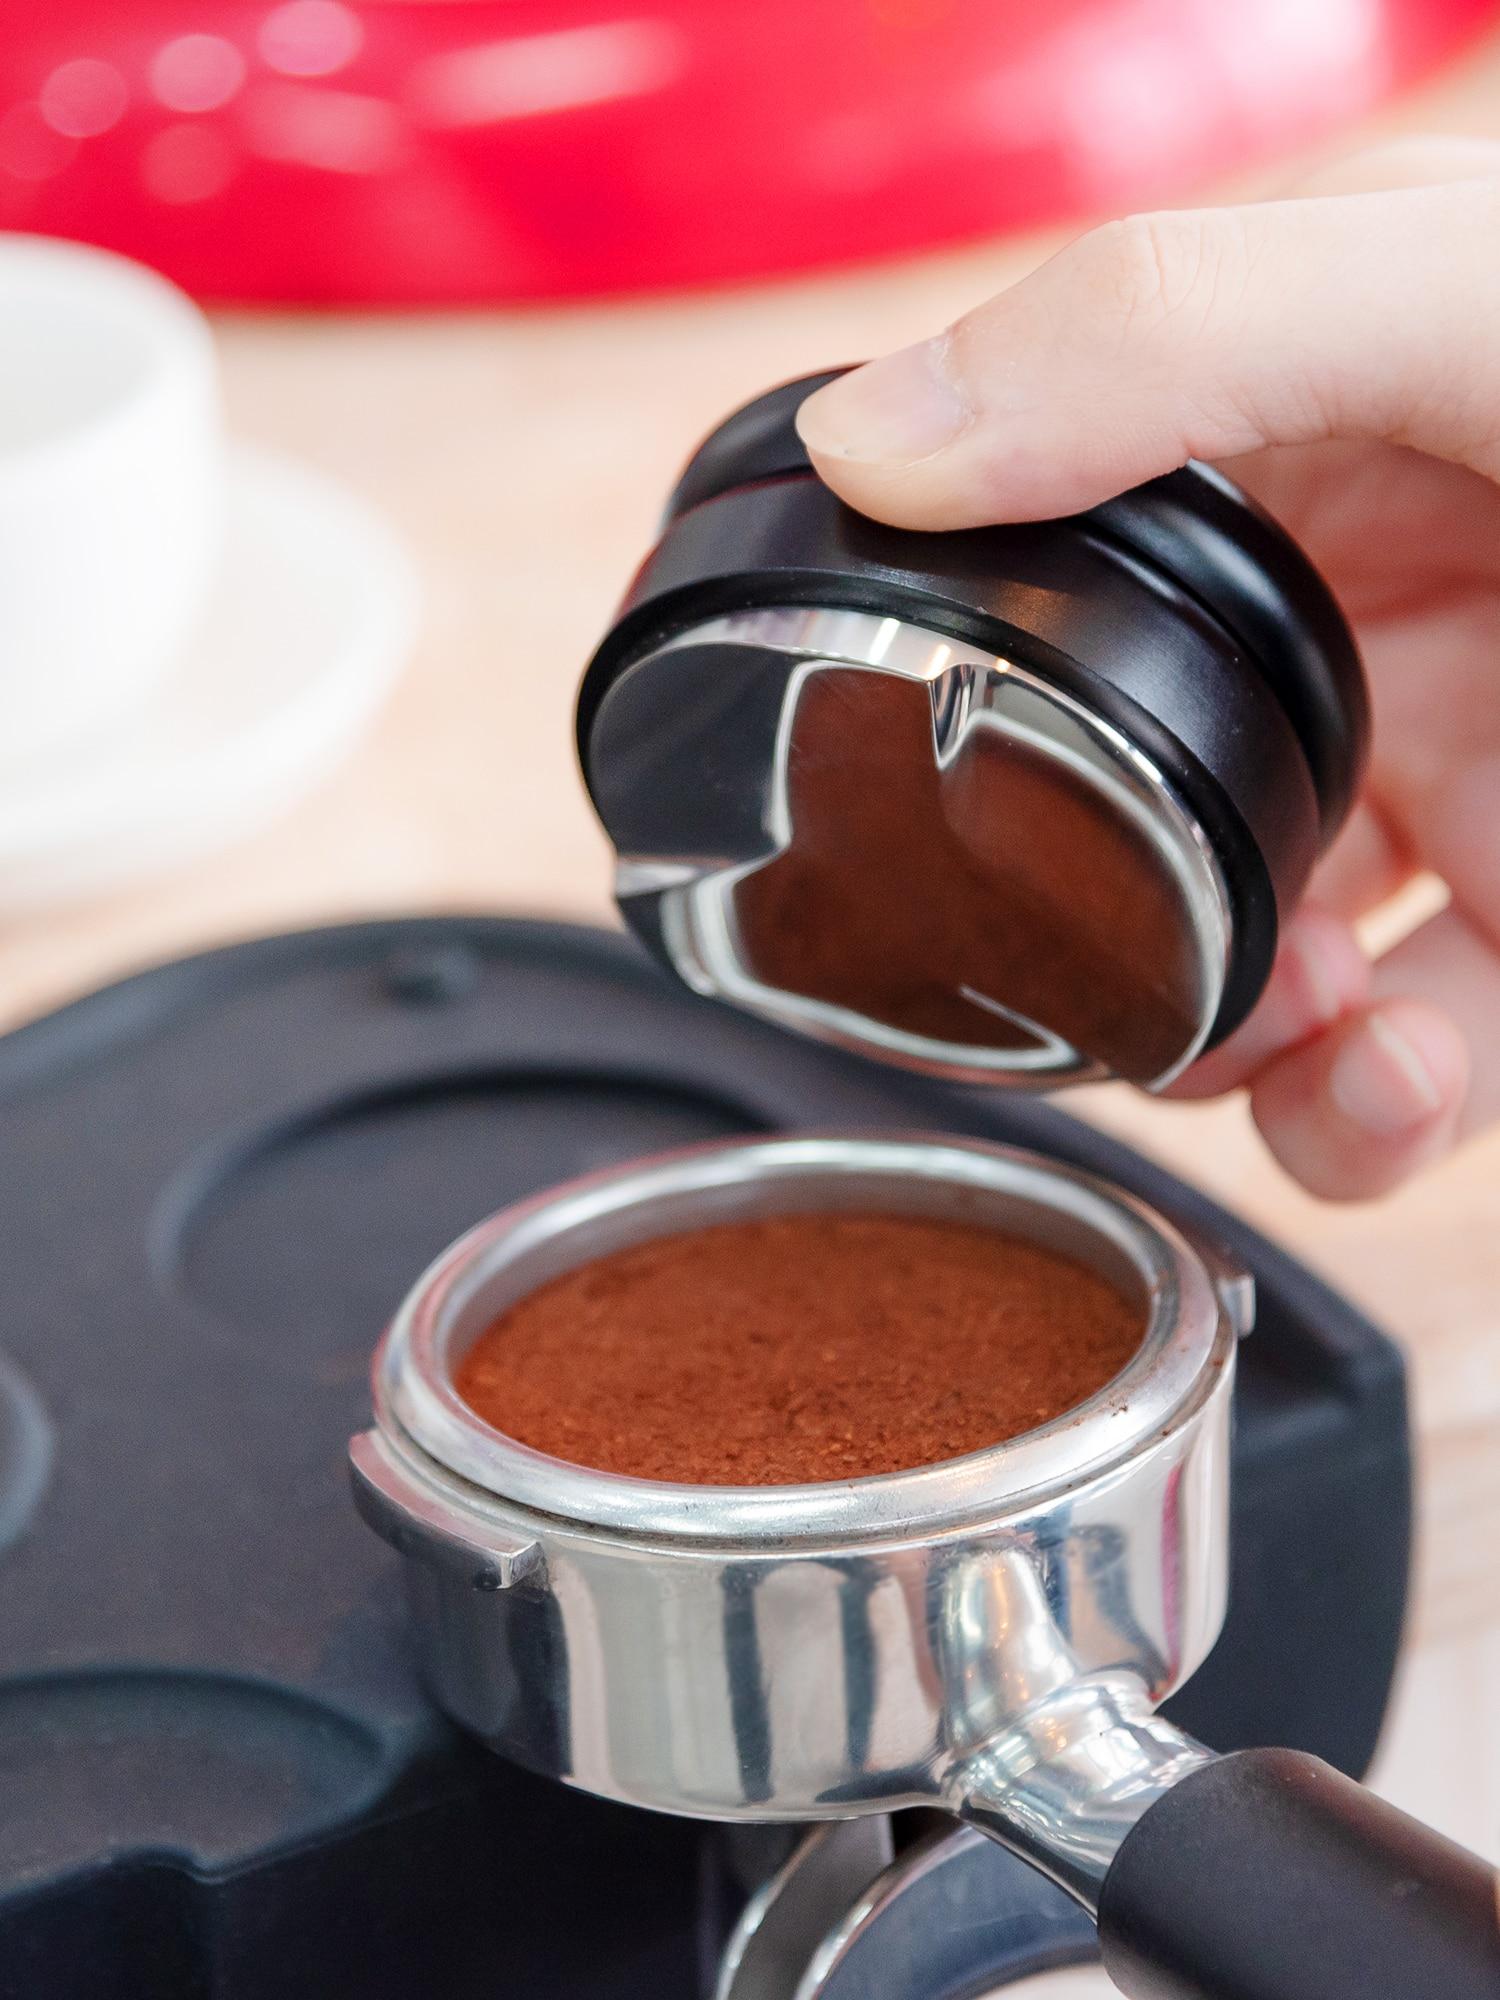 58 مللي متر Edelstahl Kaffee موزع & العبث مستوي مكرون كاففي فول بريس Pulver einstellper Tiefe-اسبريسو اليد